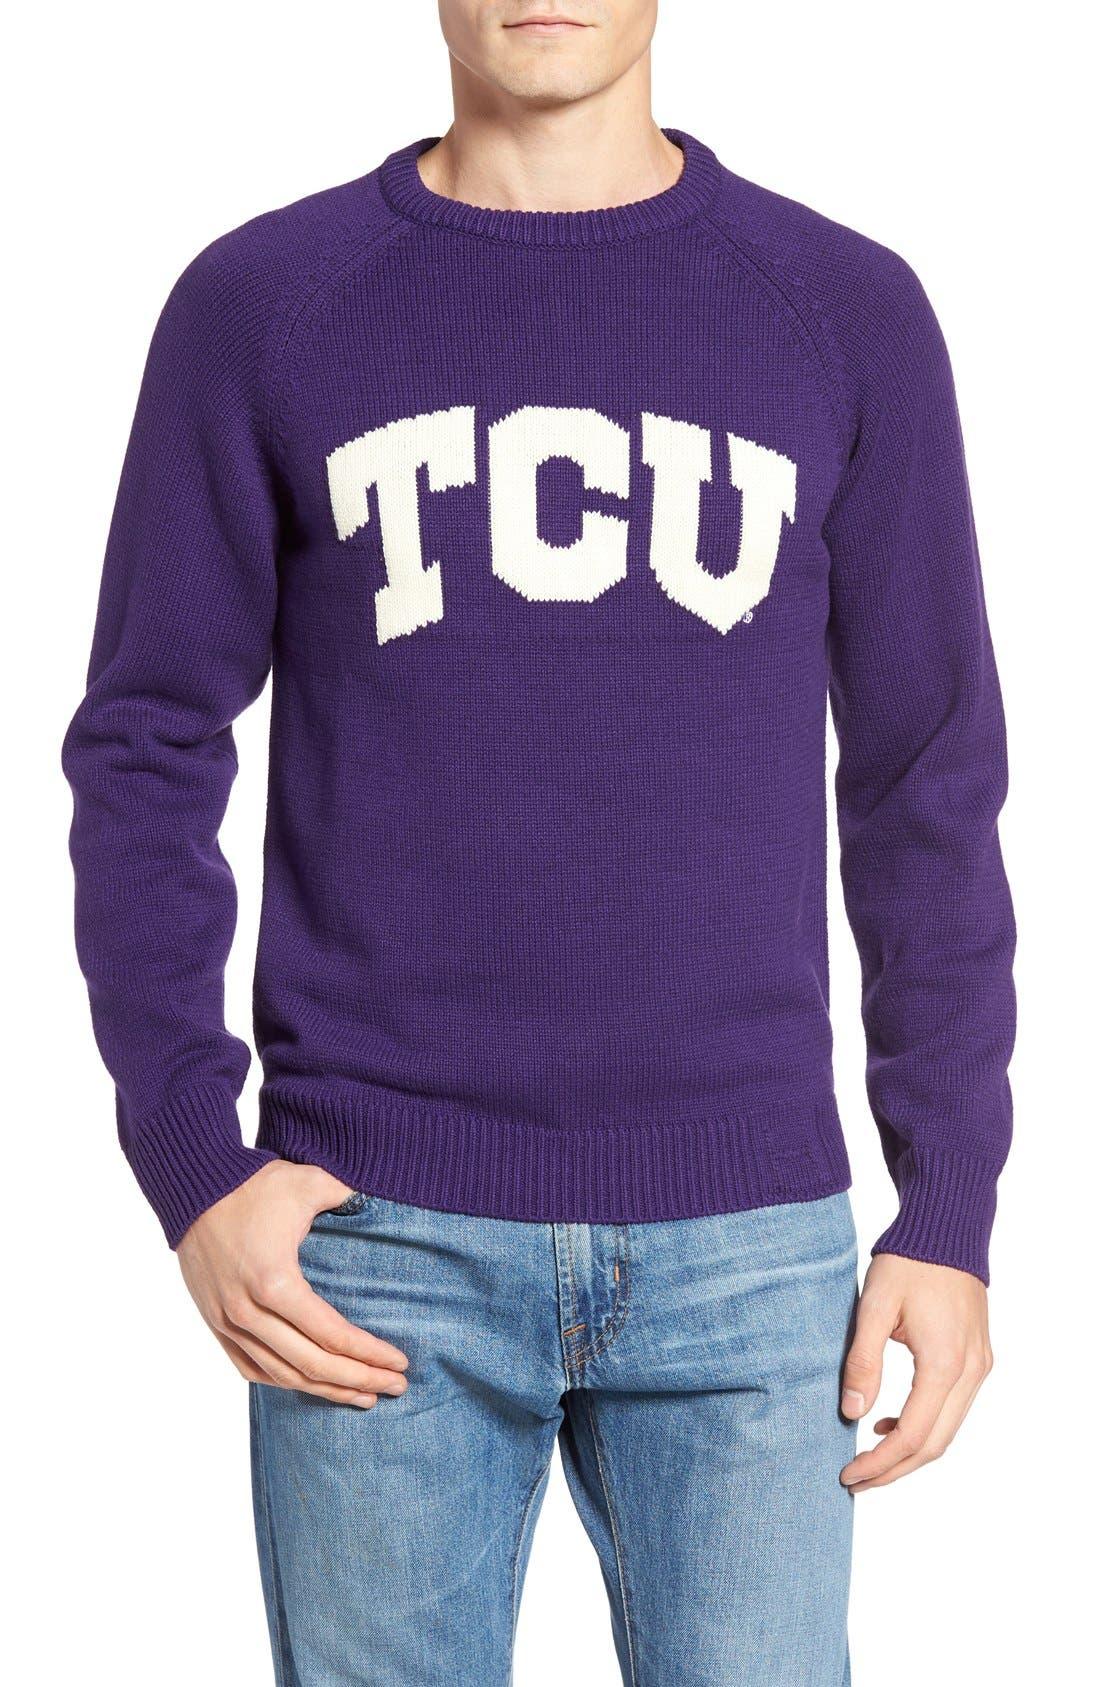 HILLFLINT TCU Heritage Sweater, Main, color, 500